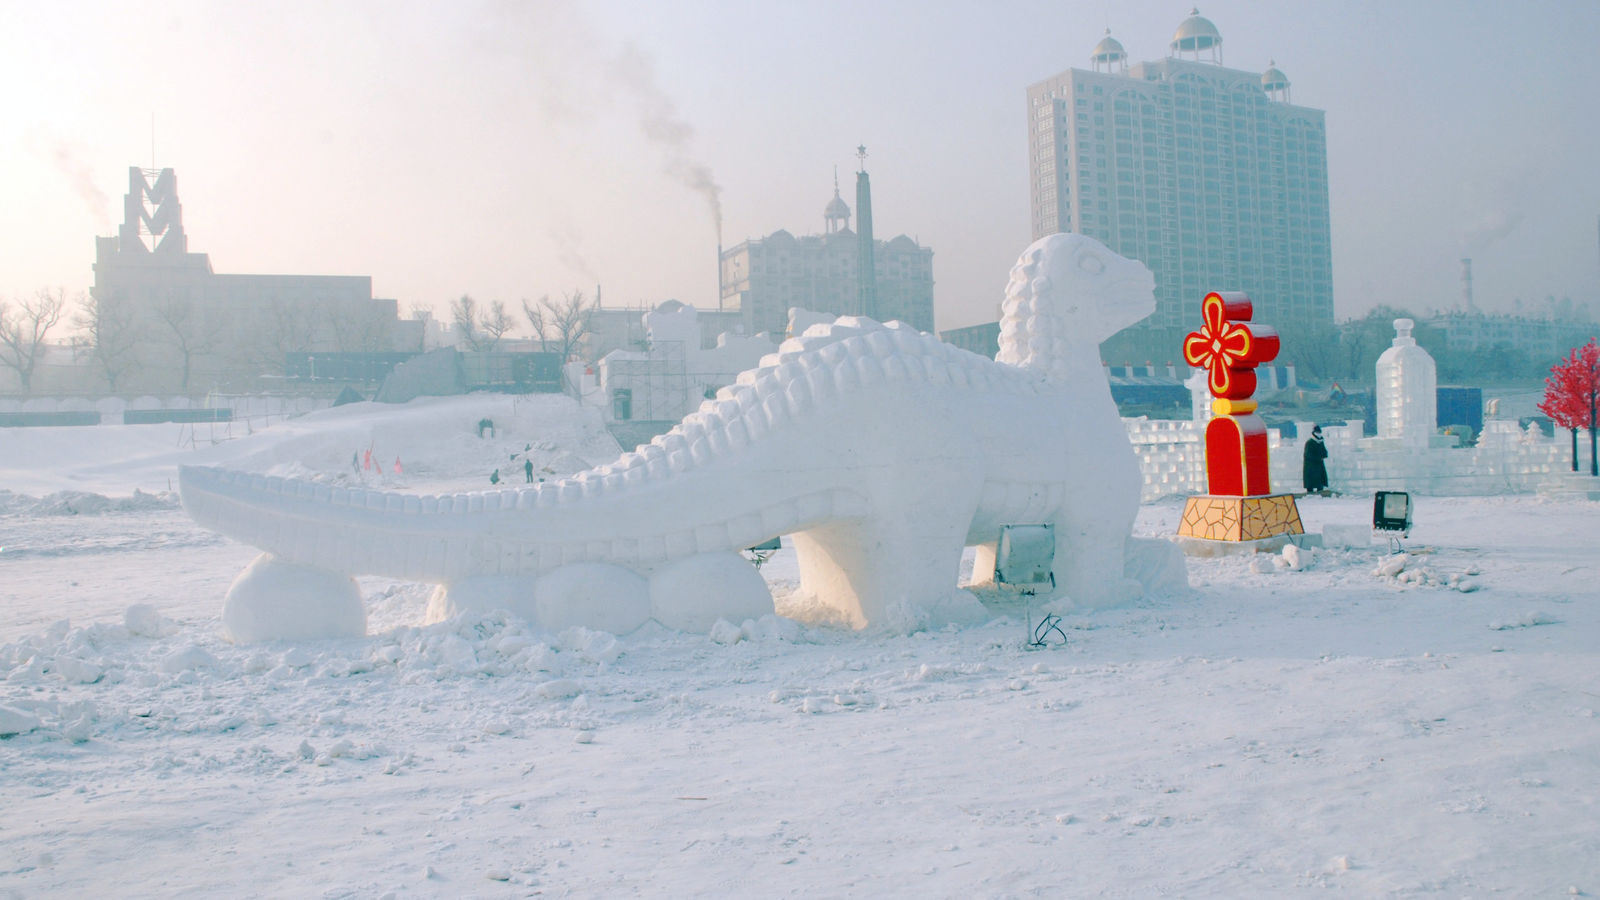 [我的家在东北简谱],中国就是我的家简谱